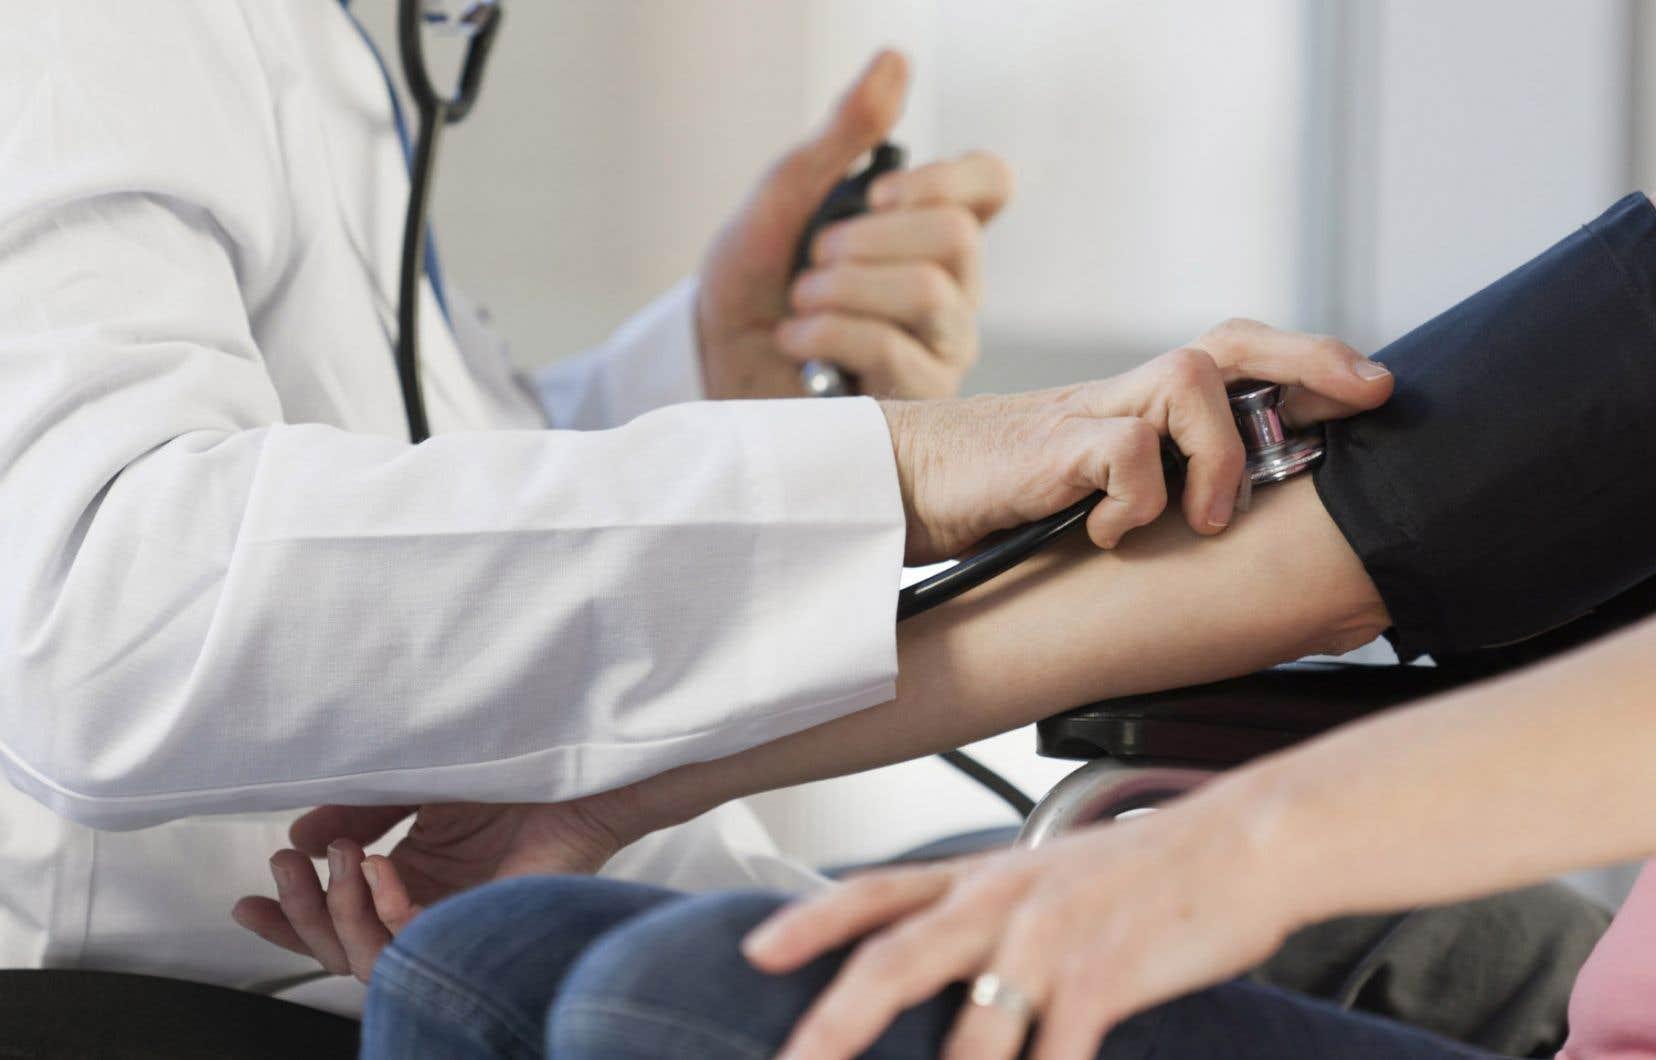 «Les patients sans médecin rencontrent d'insurmontables obstacles pour obtenir un rendez-vous dans des cliniques médicales», déplore l'autrice.